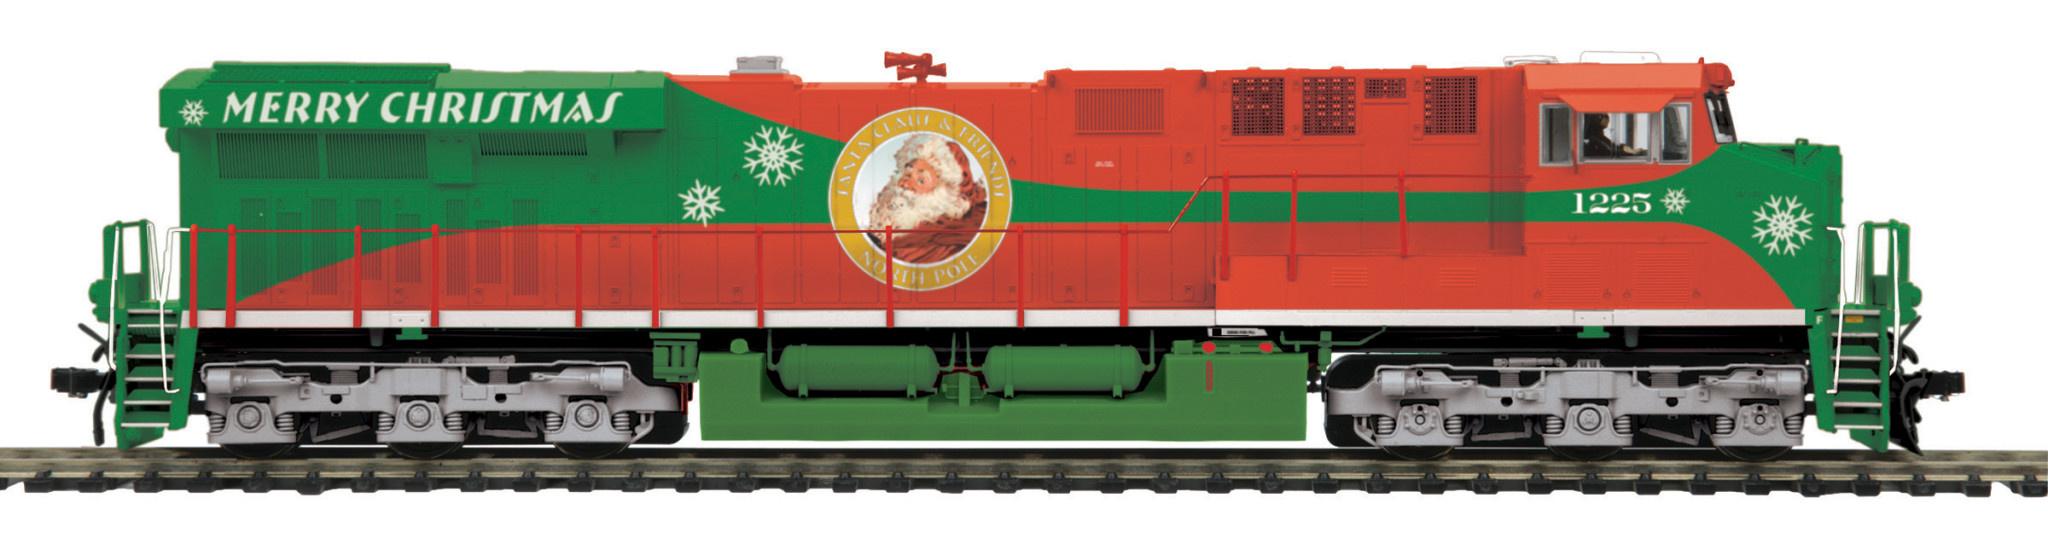 MTH - HO 80-2351-1 HO Christmas Engine